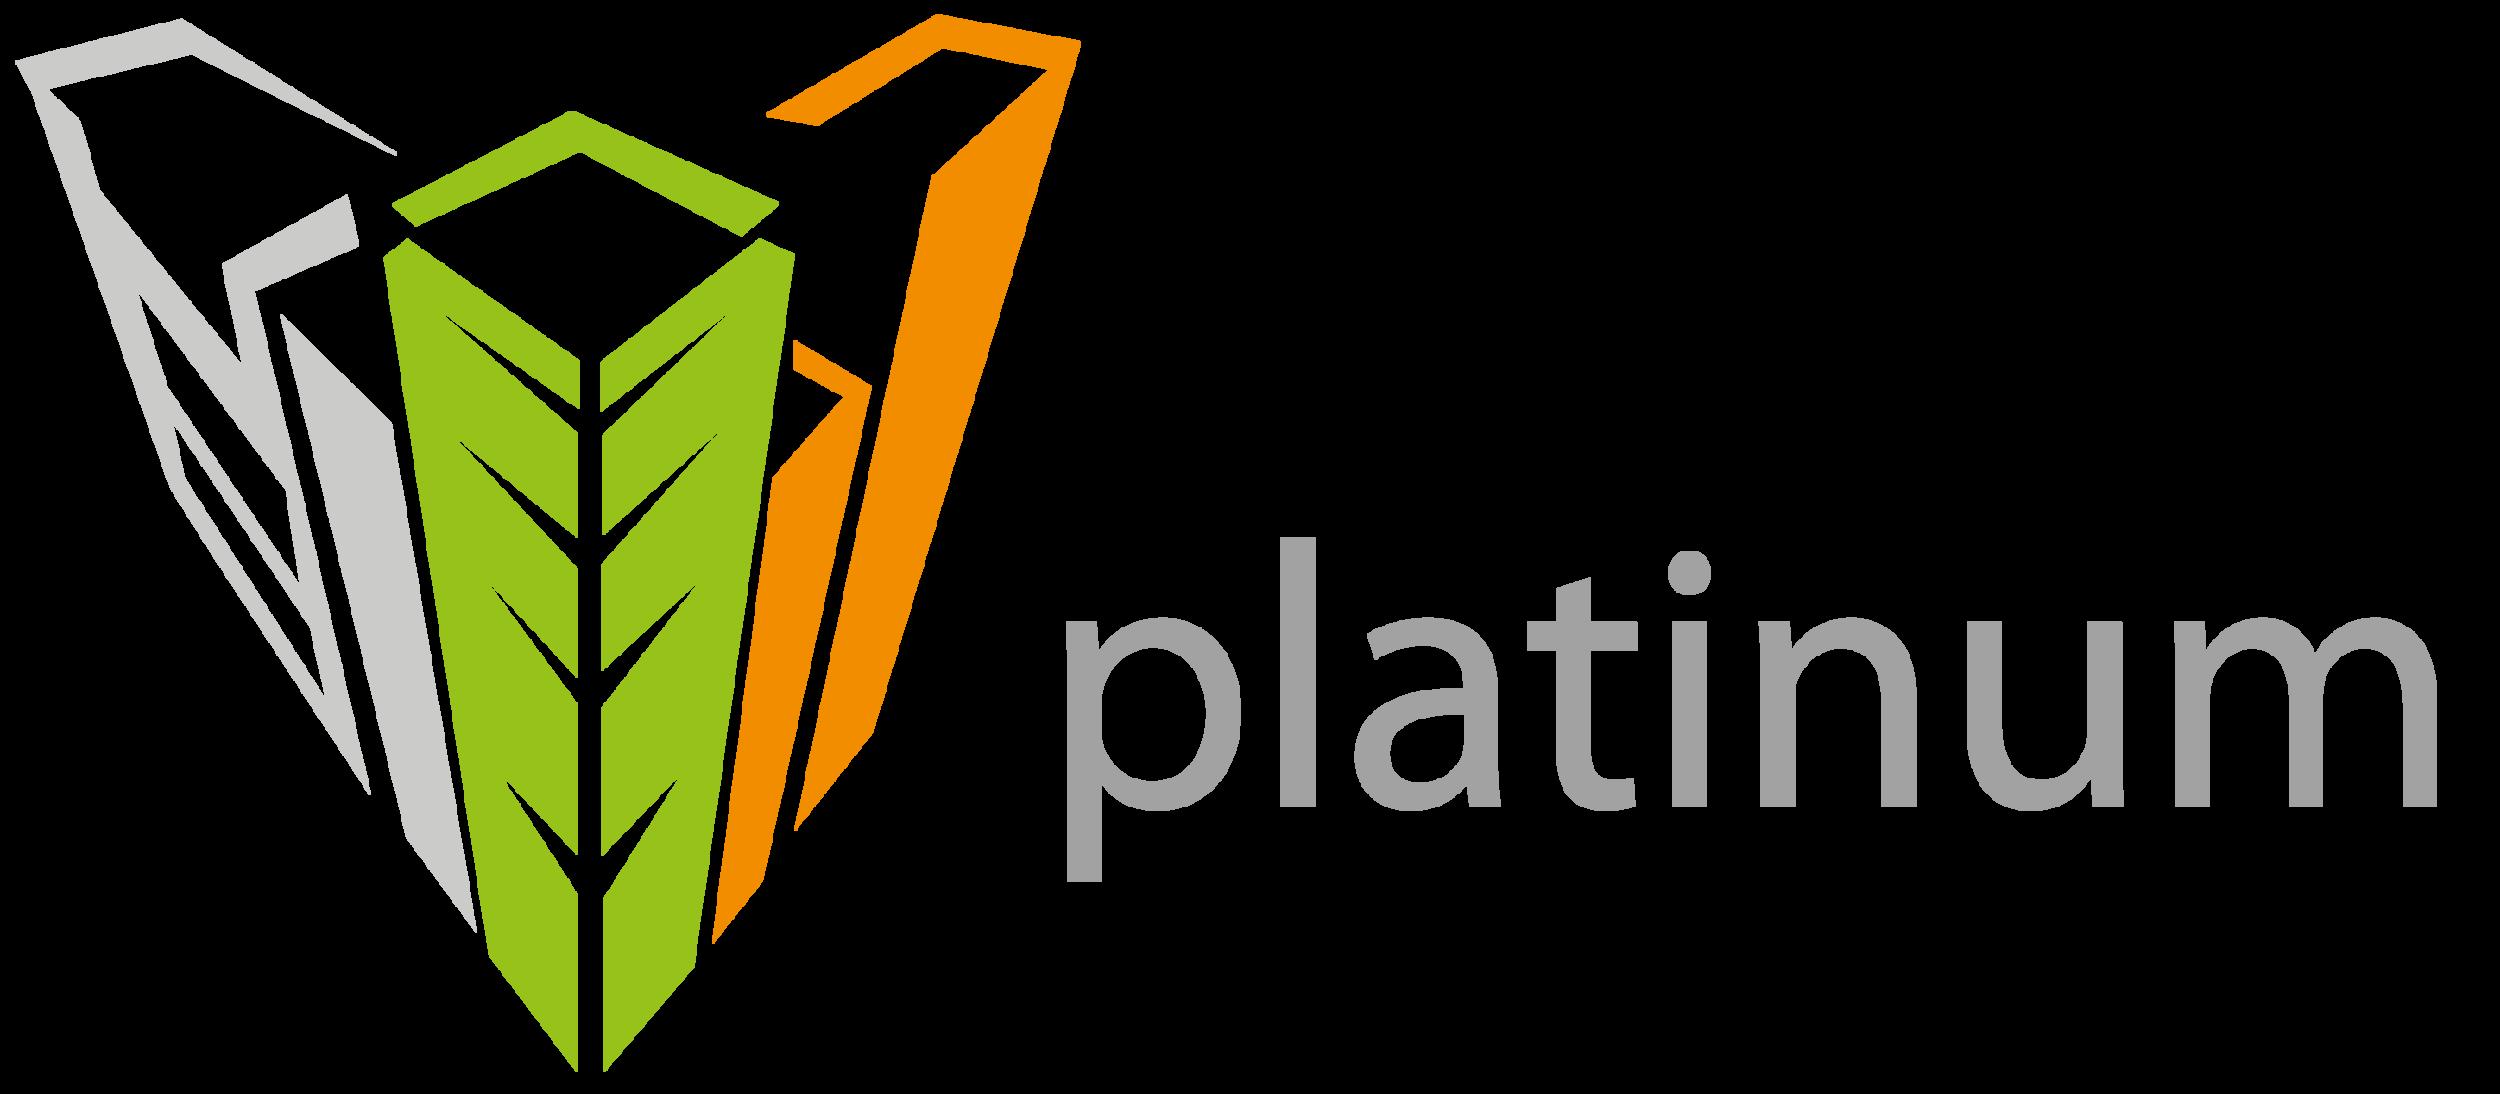 Platinum_logo_CMYK_website-01.png